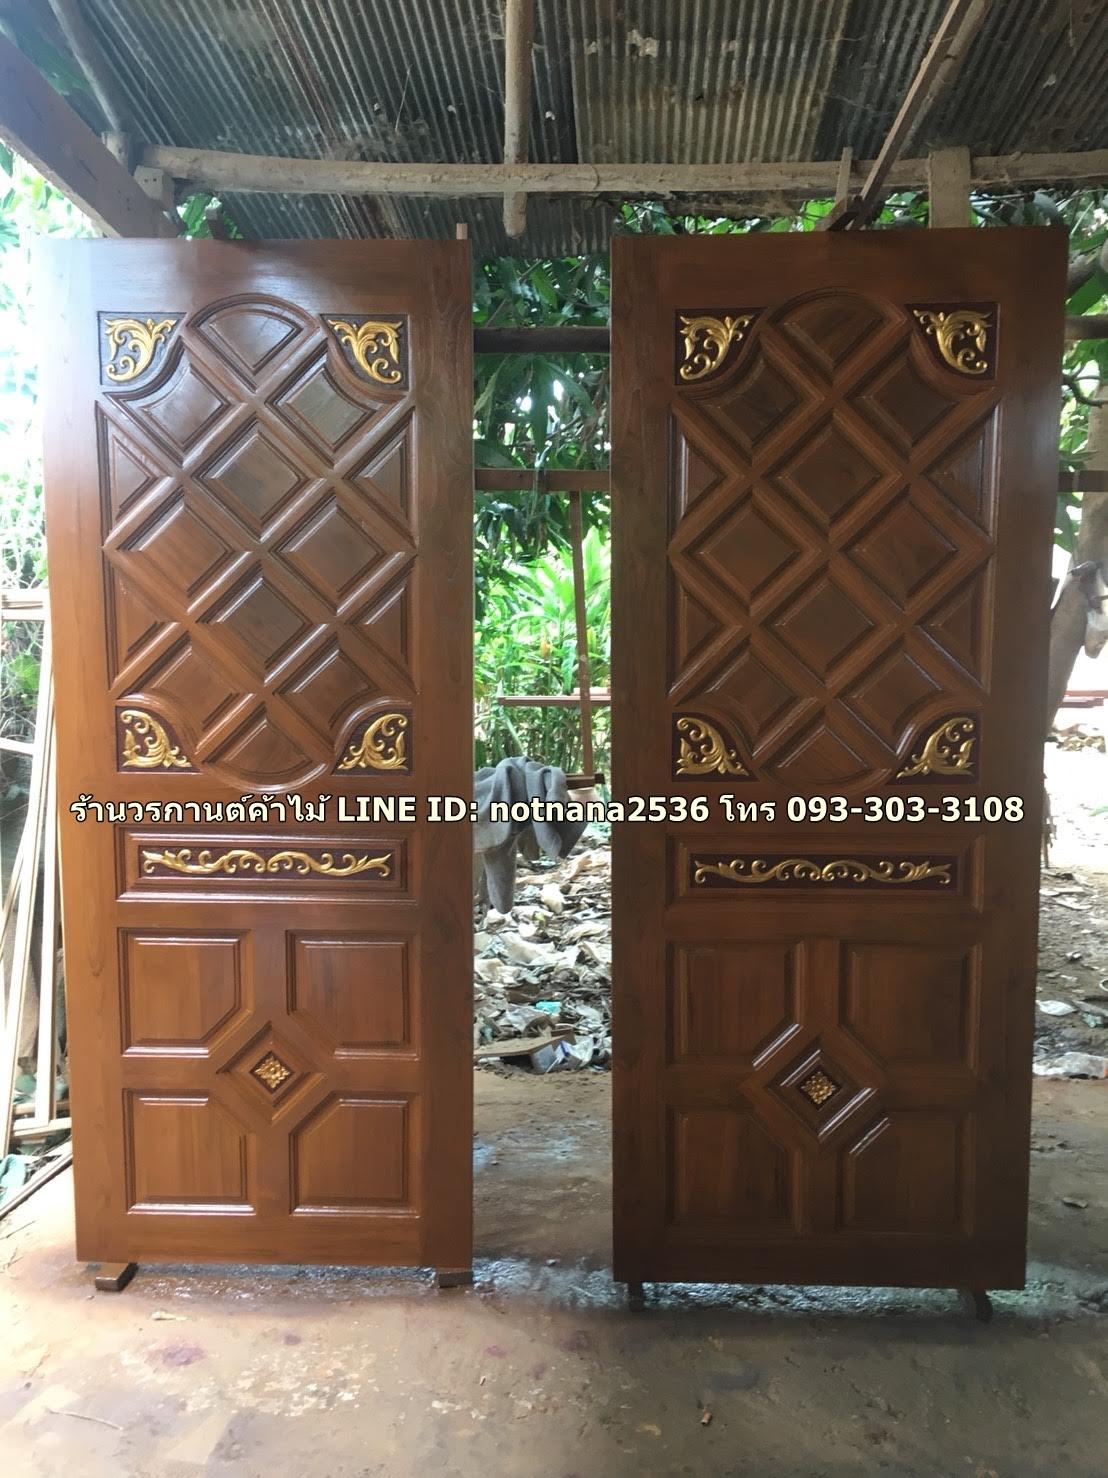 ประตูไม้สักบานเดี่ยวลูกฟักแกะ เกรดA, B+ รหัส C110